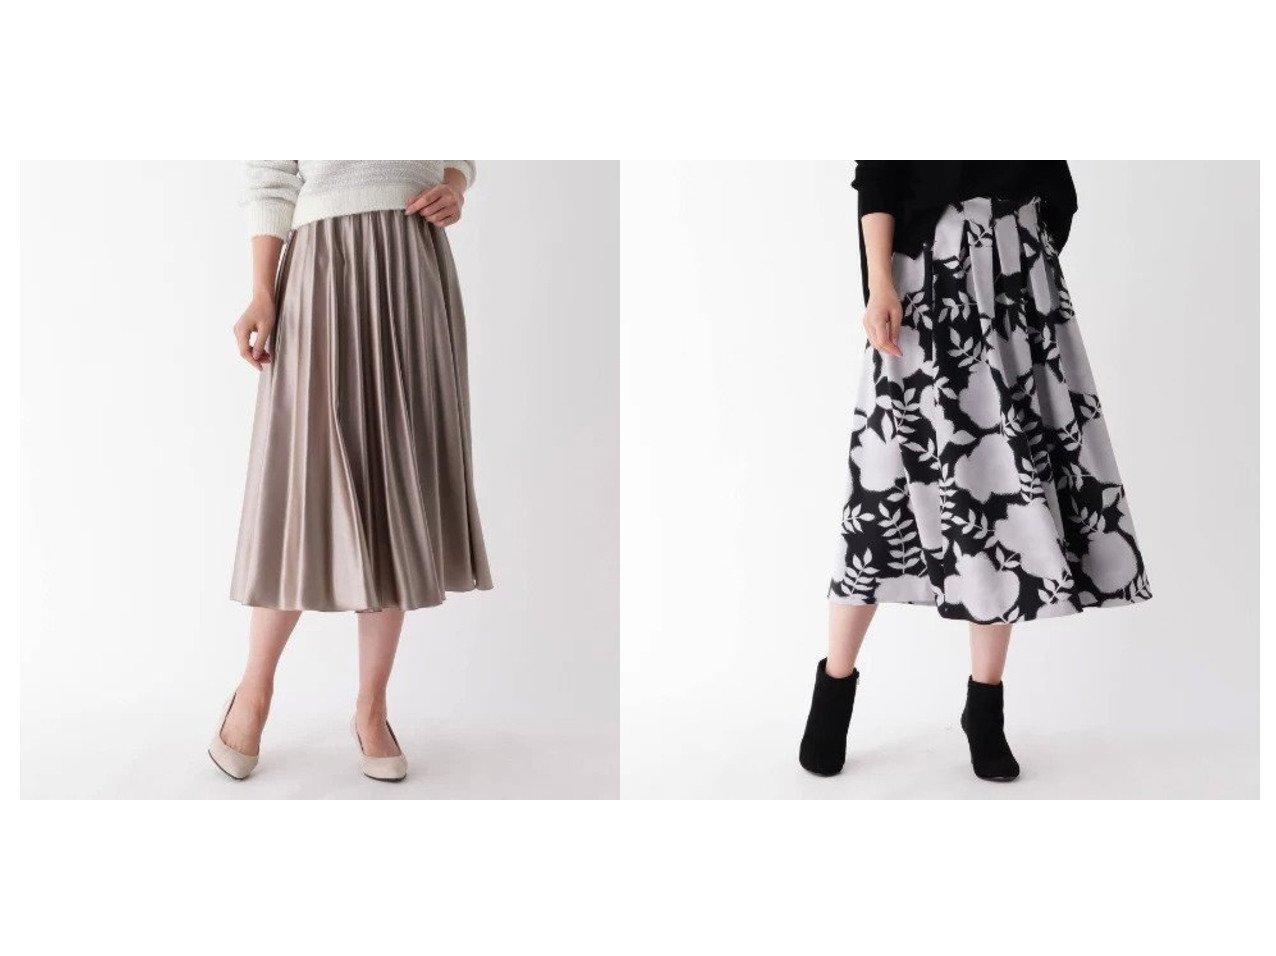 【modify/モディファイ】のシェードフラワータックスカート&モードサテンシェルプリーツスカート スカートのおすすめ!人気、レディースファッションの通販 おすすめで人気のファッション通販商品 インテリア・家具・キッズファッション・メンズファッション・レディースファッション・服の通販 founy(ファニー) https://founy.com/ ファッション Fashion レディース WOMEN スカート Skirt プリーツスカート Pleated Skirts フレア プリーツ フォルム フラワー ボックス ミモレ  ID:crp329100000001529